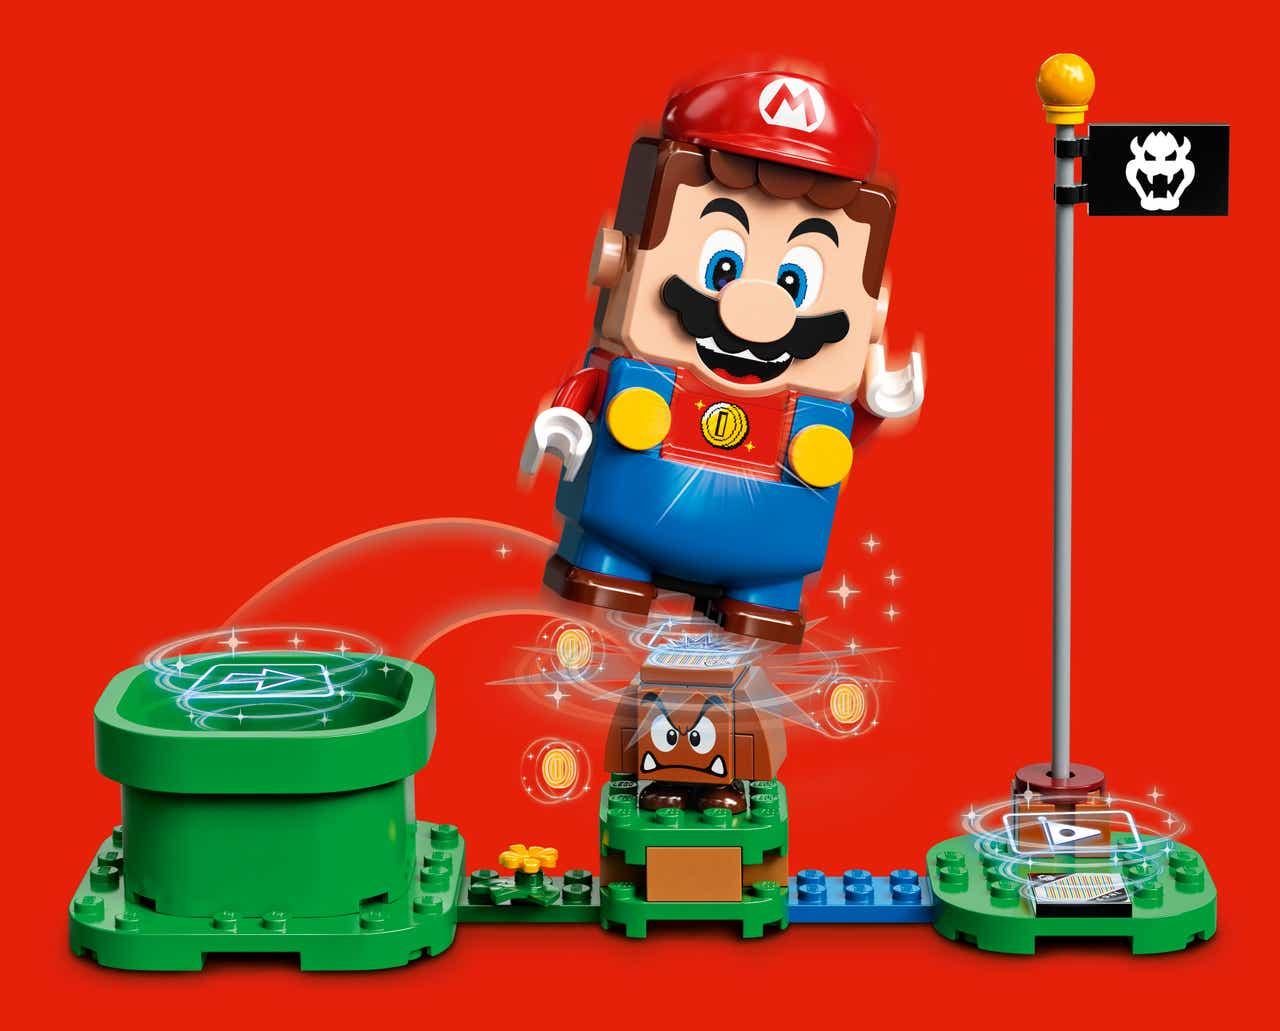 El set de Super Mario LEGO tiene una fecha de lanzamiento, reserva en vivo 14